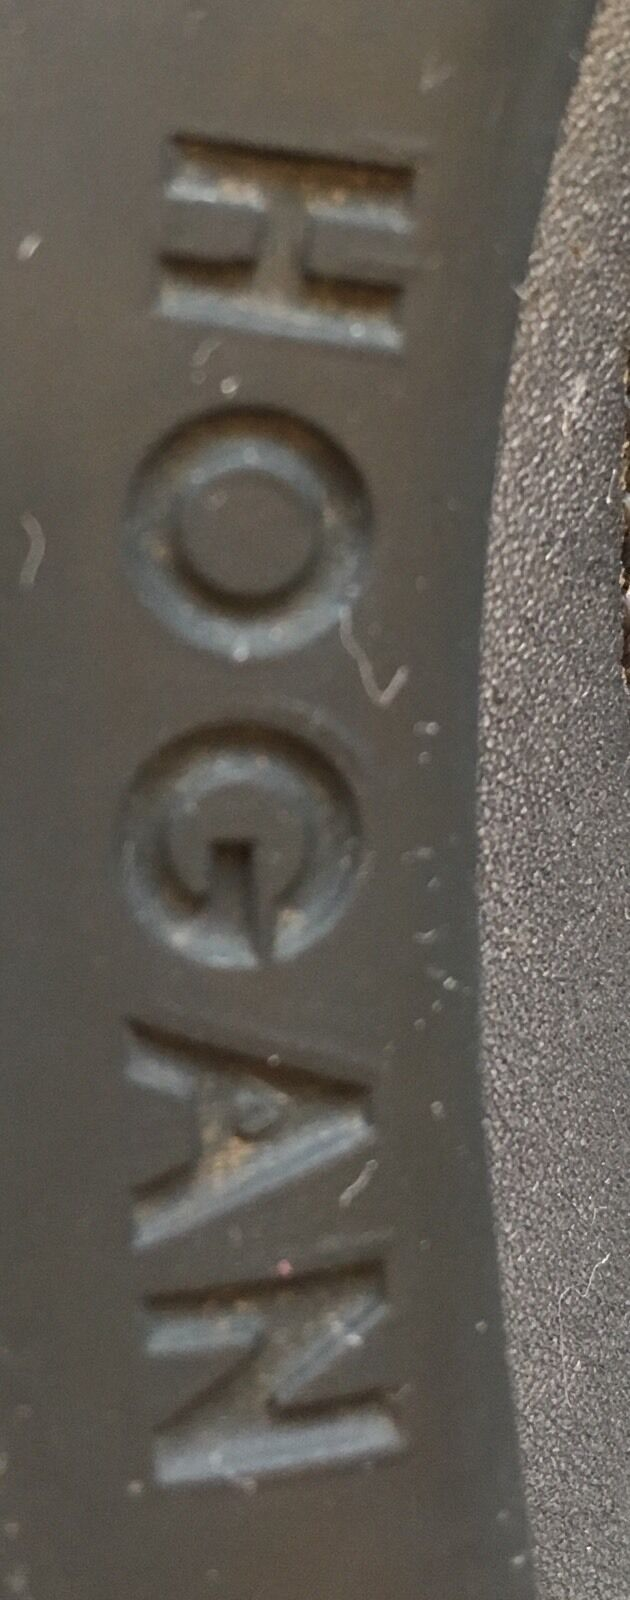 HOGAN Scarpe Uomo Nero Scarpe HOGAN Da Ginnastica in Pelle scamosciata con inserti in Tessuto High Tech Taglia 8UK RRP 975a43